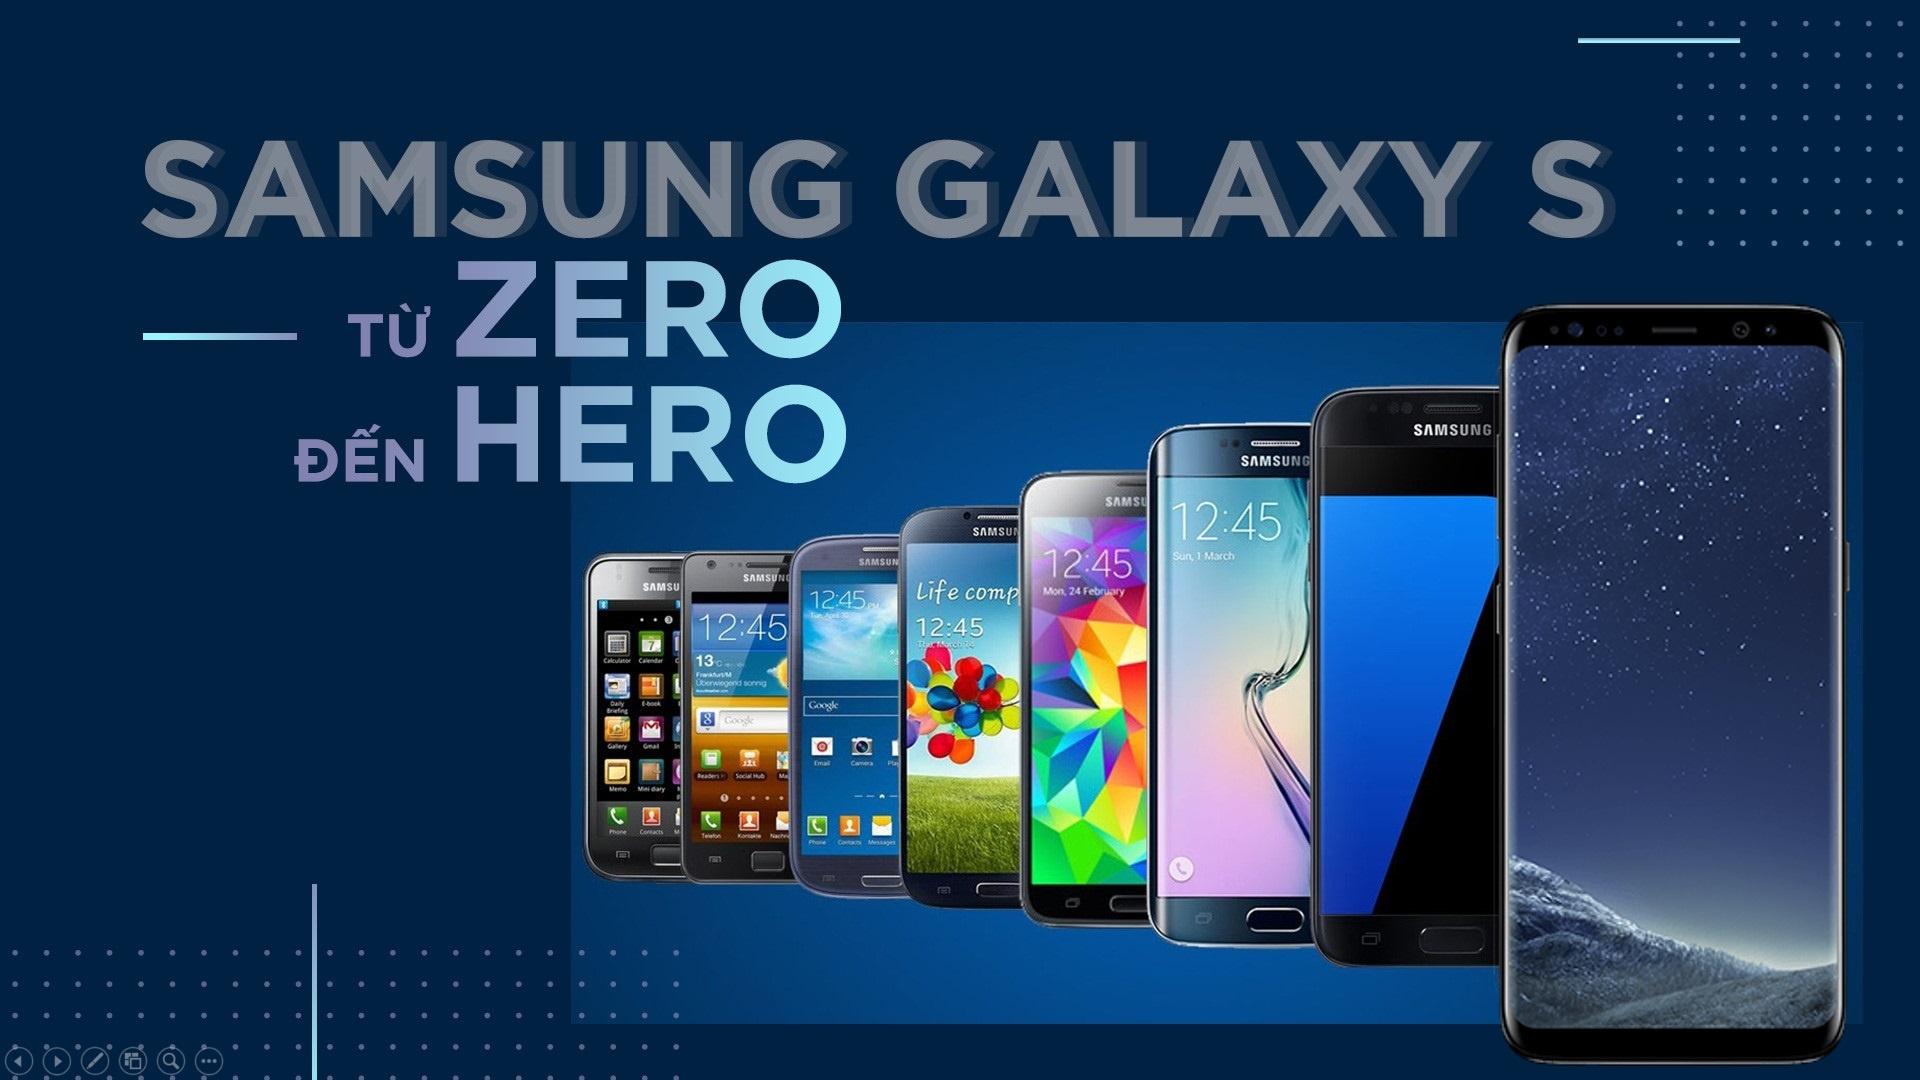 Samsung Galaxy S: Tu zero den hero hinh anh 1